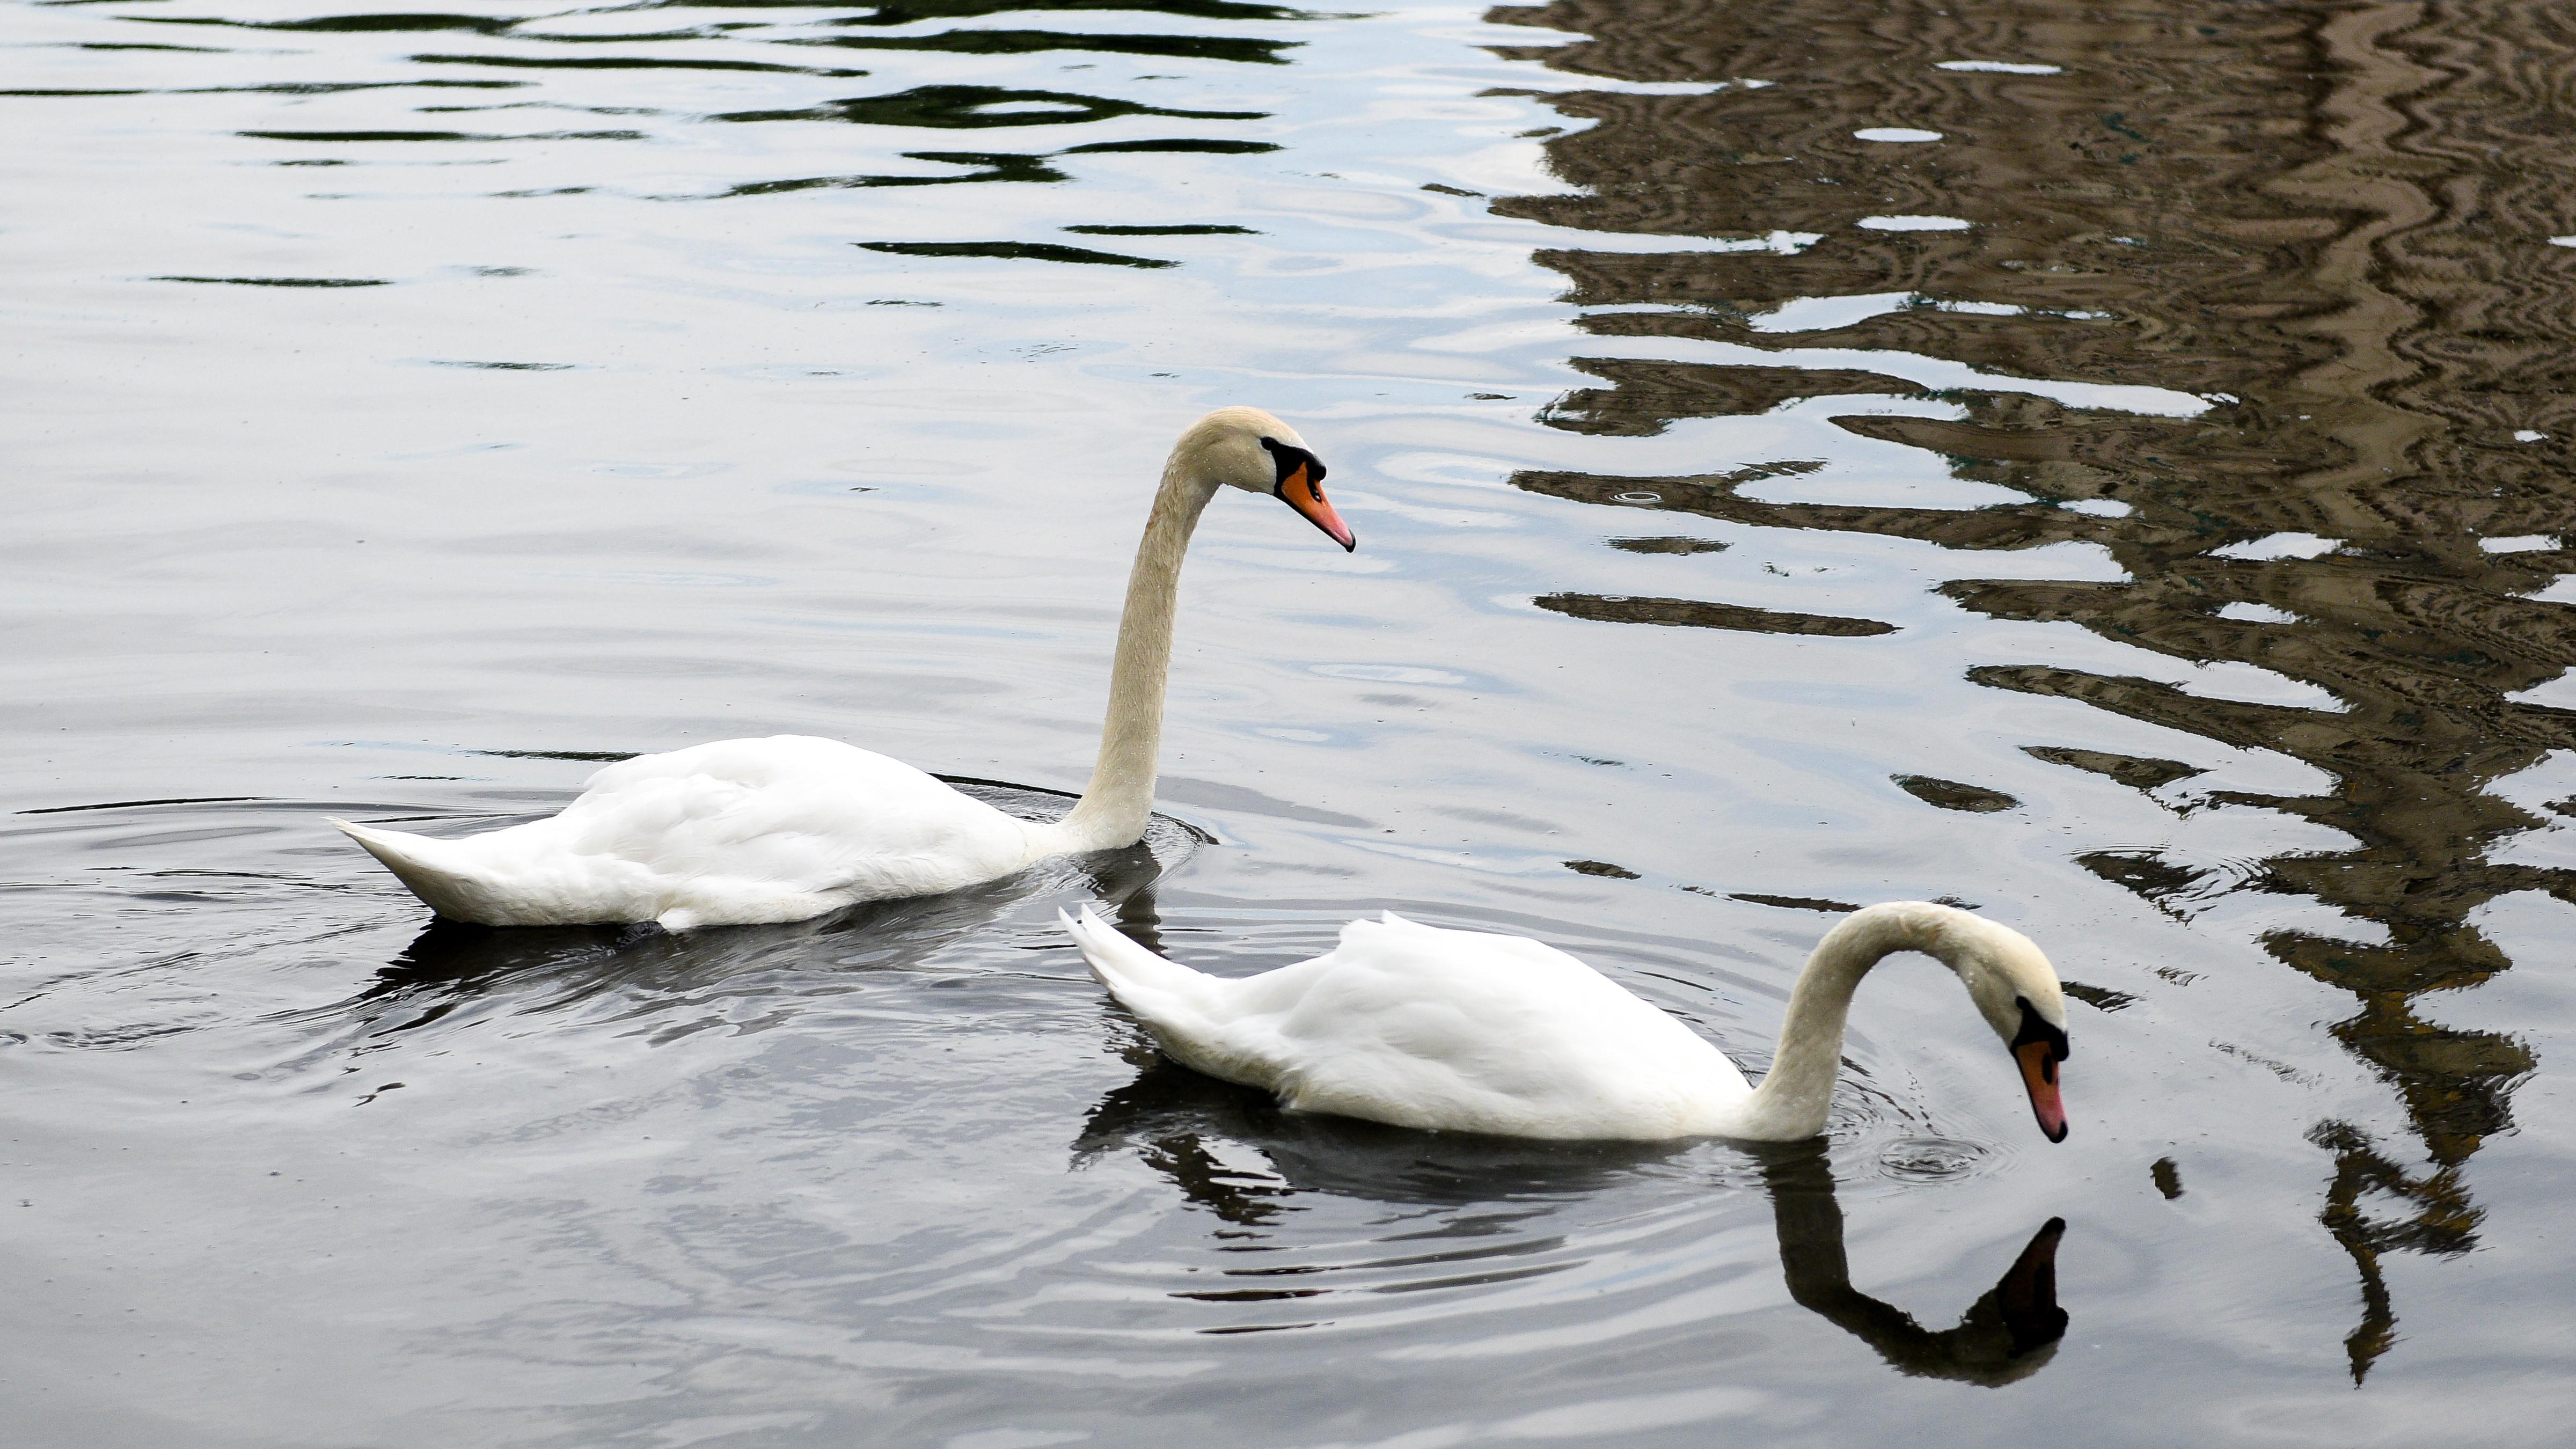 Жителям Подмосковья рассказали, почему лебедей еще можно увидеть на водоемах региона